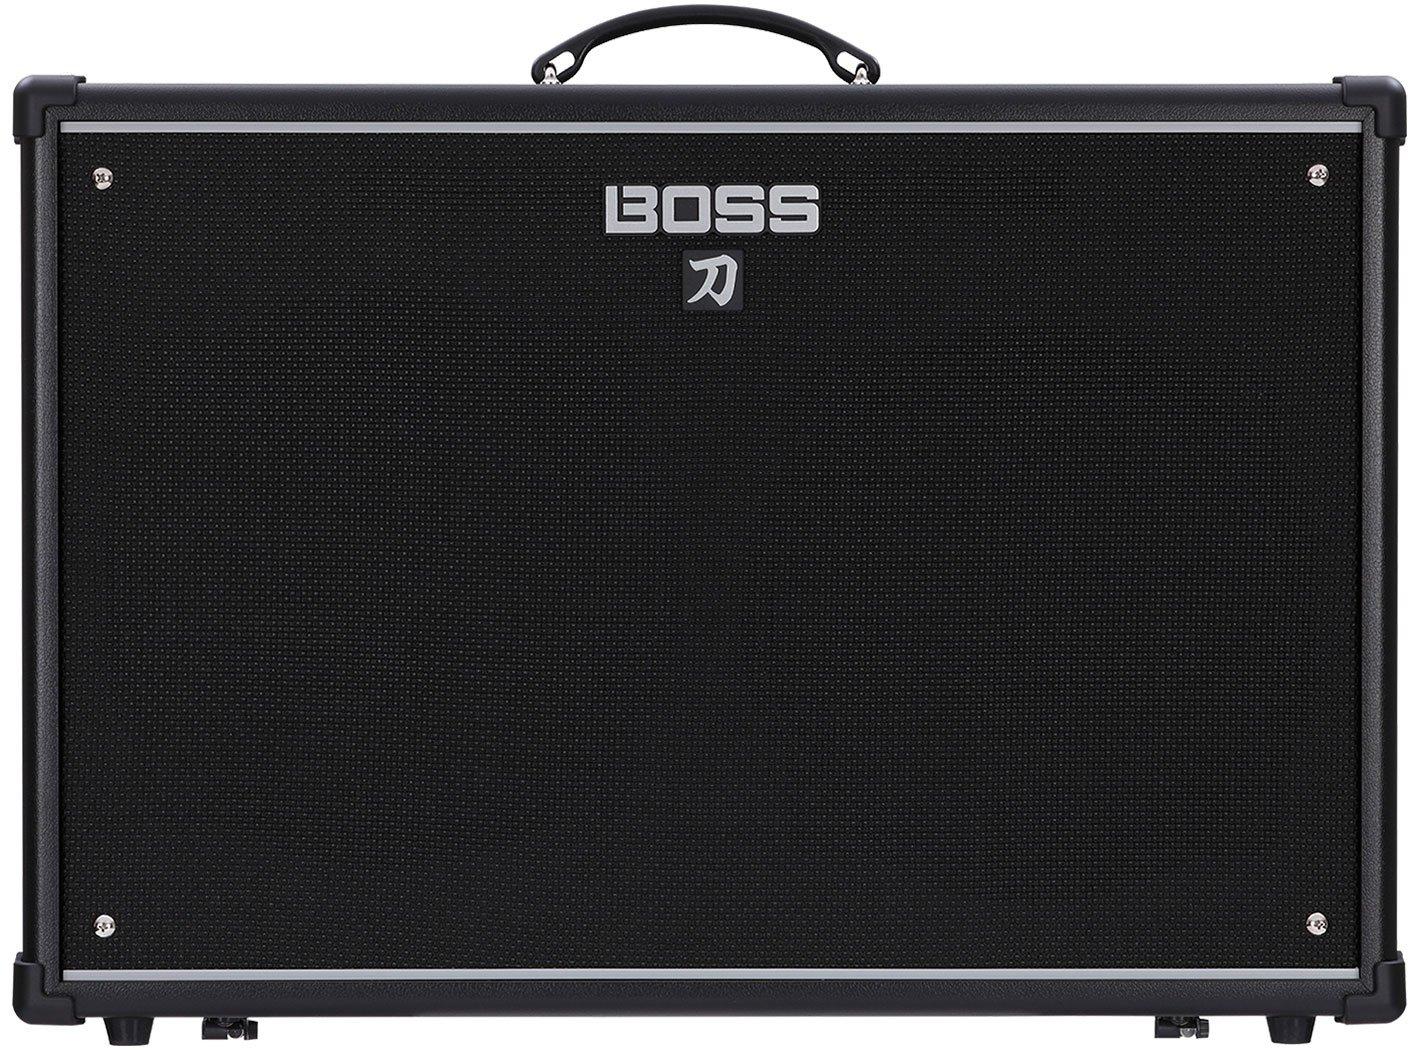 BOSS KTN-212-2 GUITAR AMPLIFIER